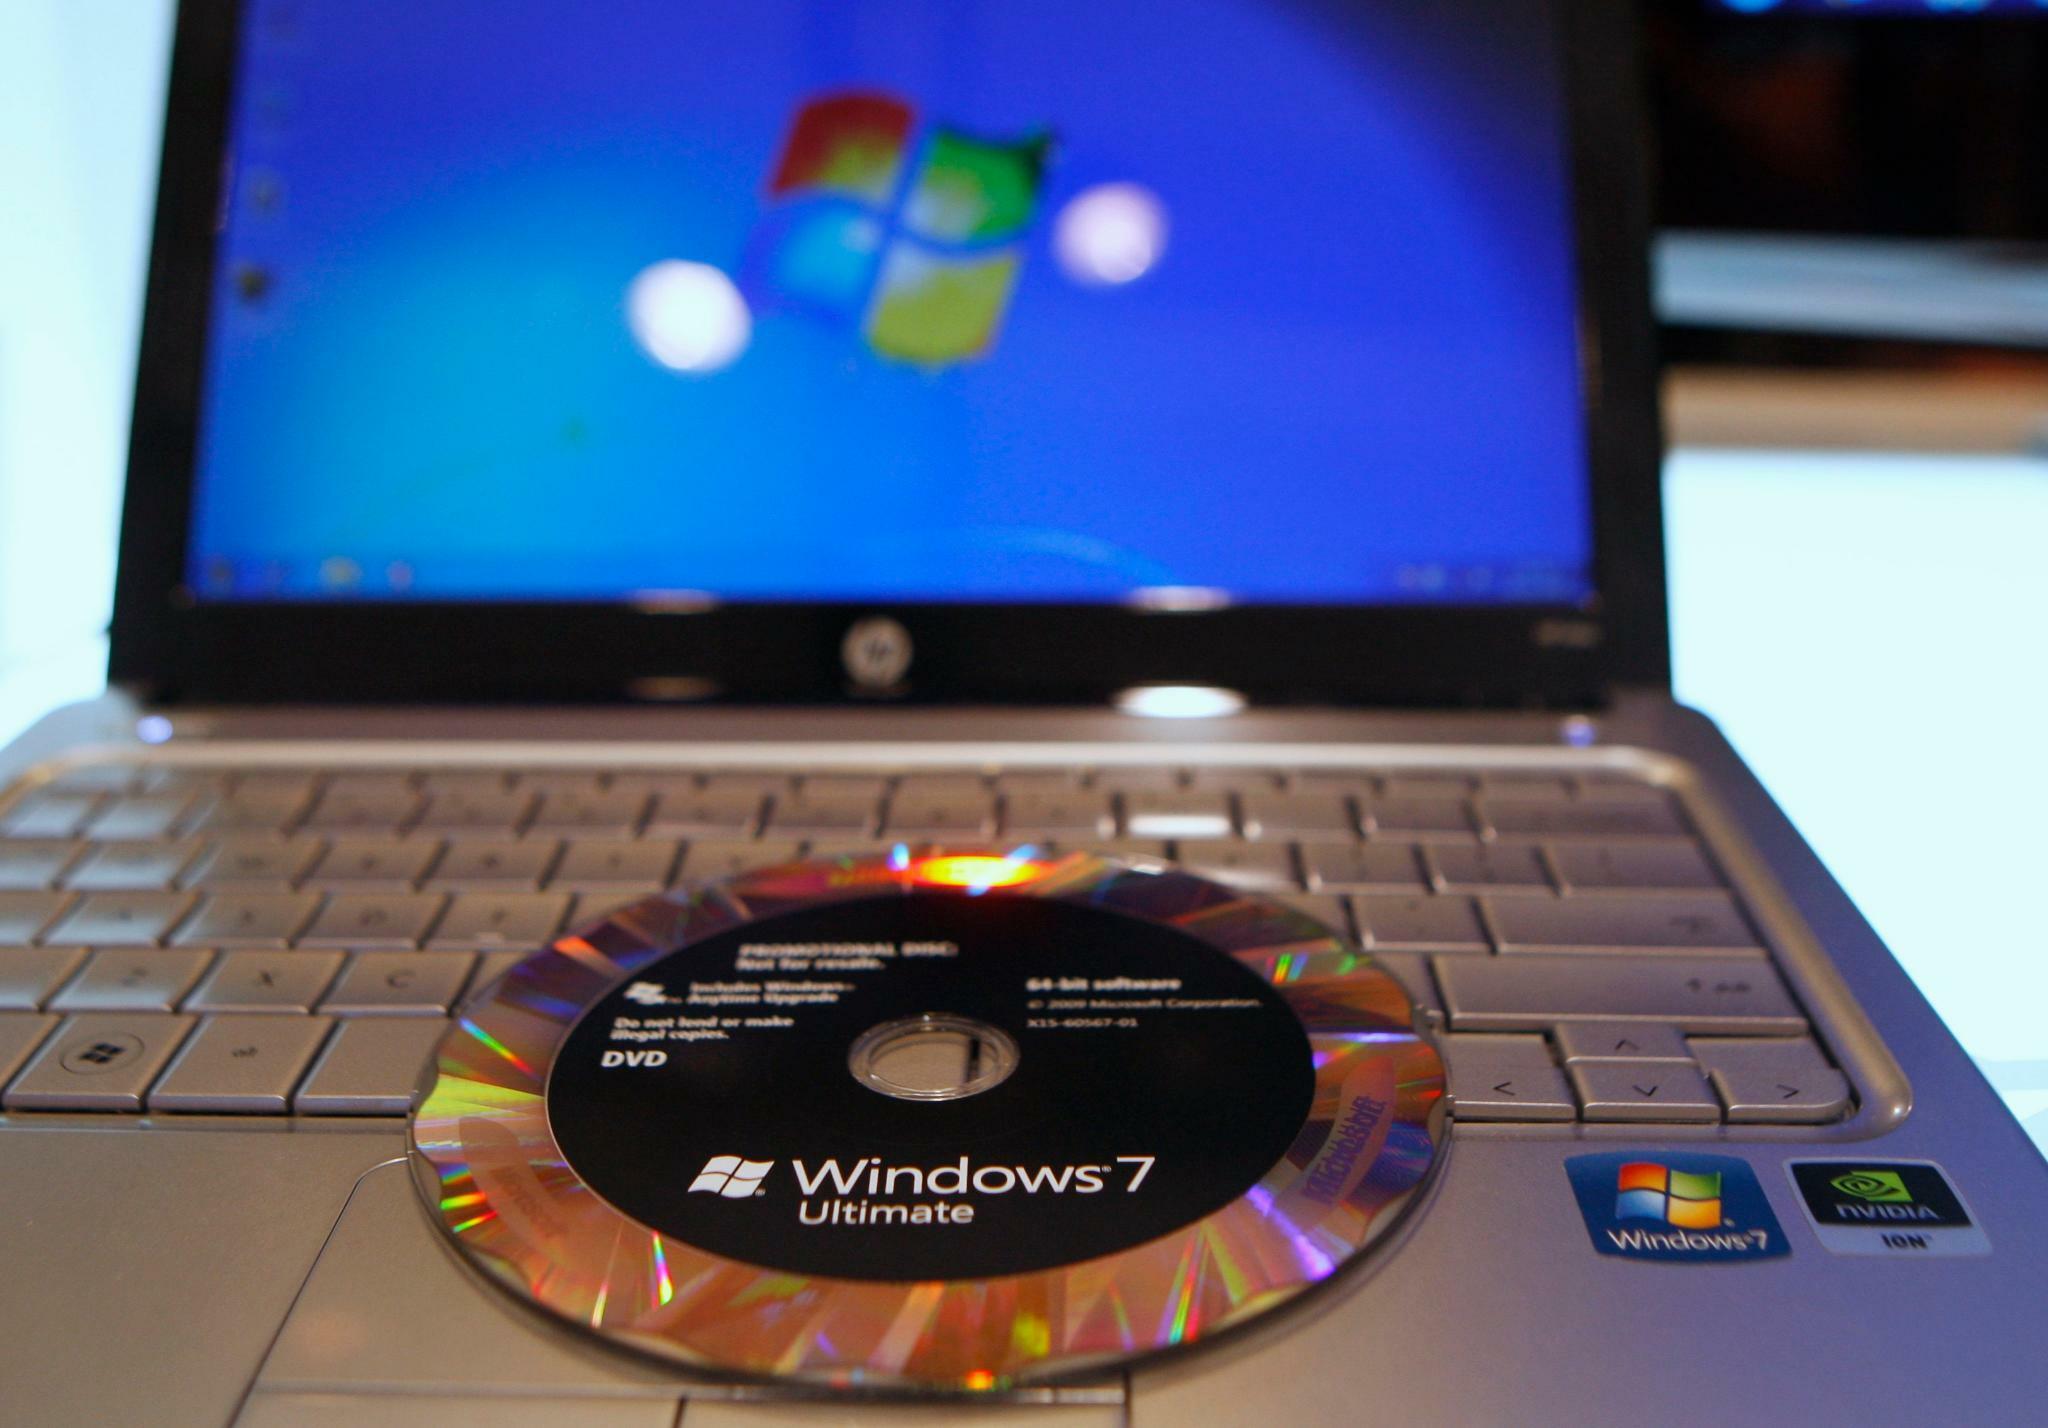 Bundesregierung zahlt für veraltetes Microsoft-Betriebssystem